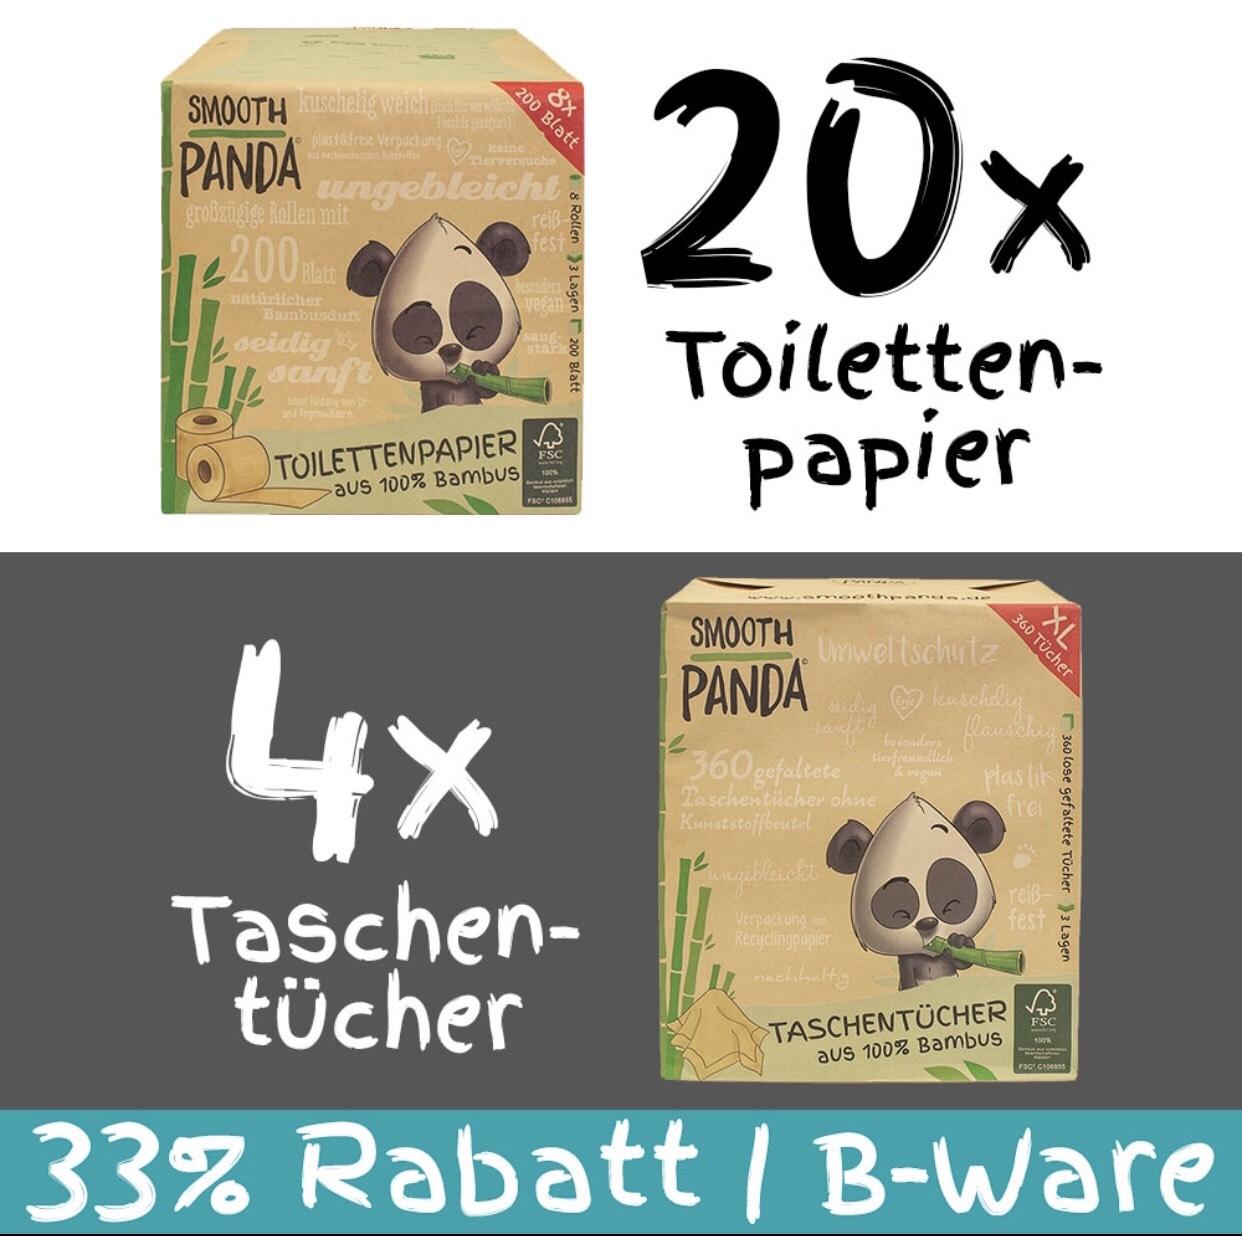 Smooth Panda Klopapier und Taschentücher aus Bambus